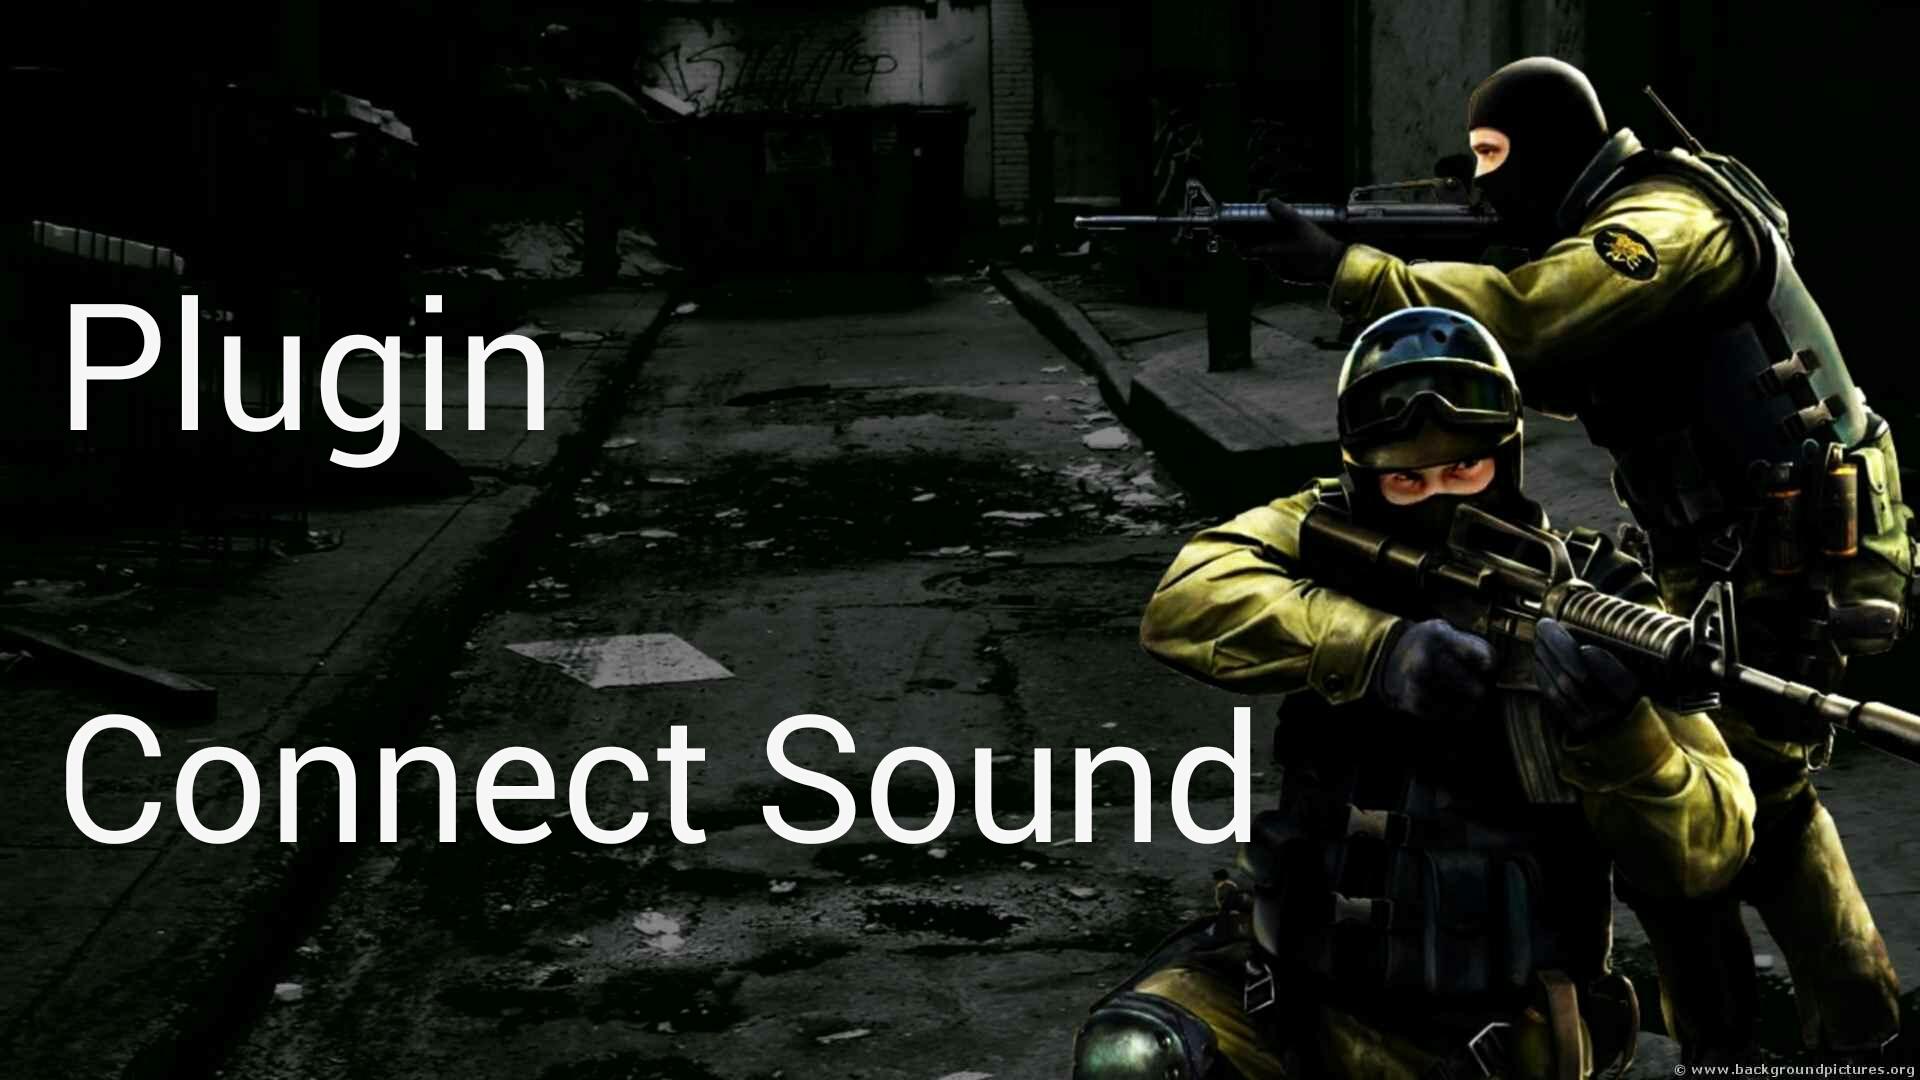 دانلود پلاگین Connect Sound برای کانتر استریک 1.6